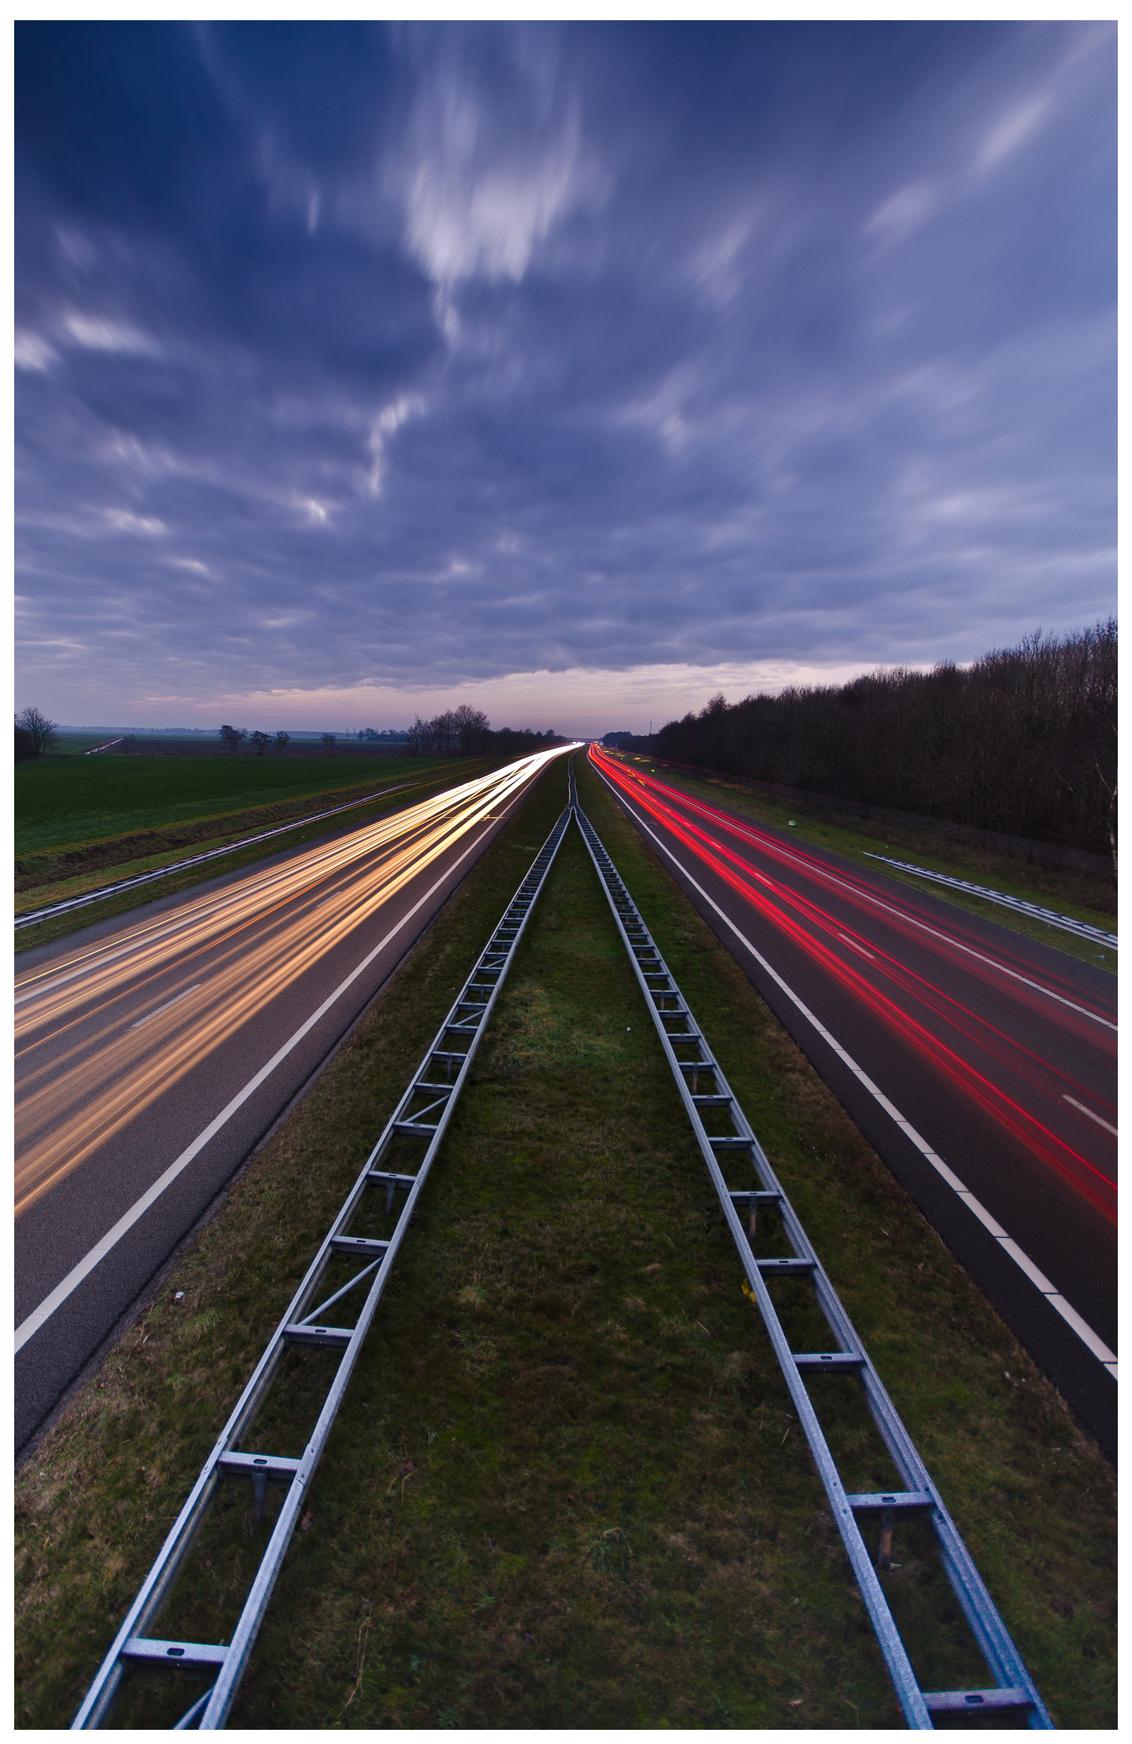 Snel...weg... - Iedereen druk onderweg naar huis en ik sta op het viaduct foto's te maken. Lange sluitertijd met een ND-Fader - foto door wido-foto op 13-12-2013 - deze foto bevat: kleuren, kleur, licht, avond, snelweg, sluitertijd, filter, grijsfilter, long exposure